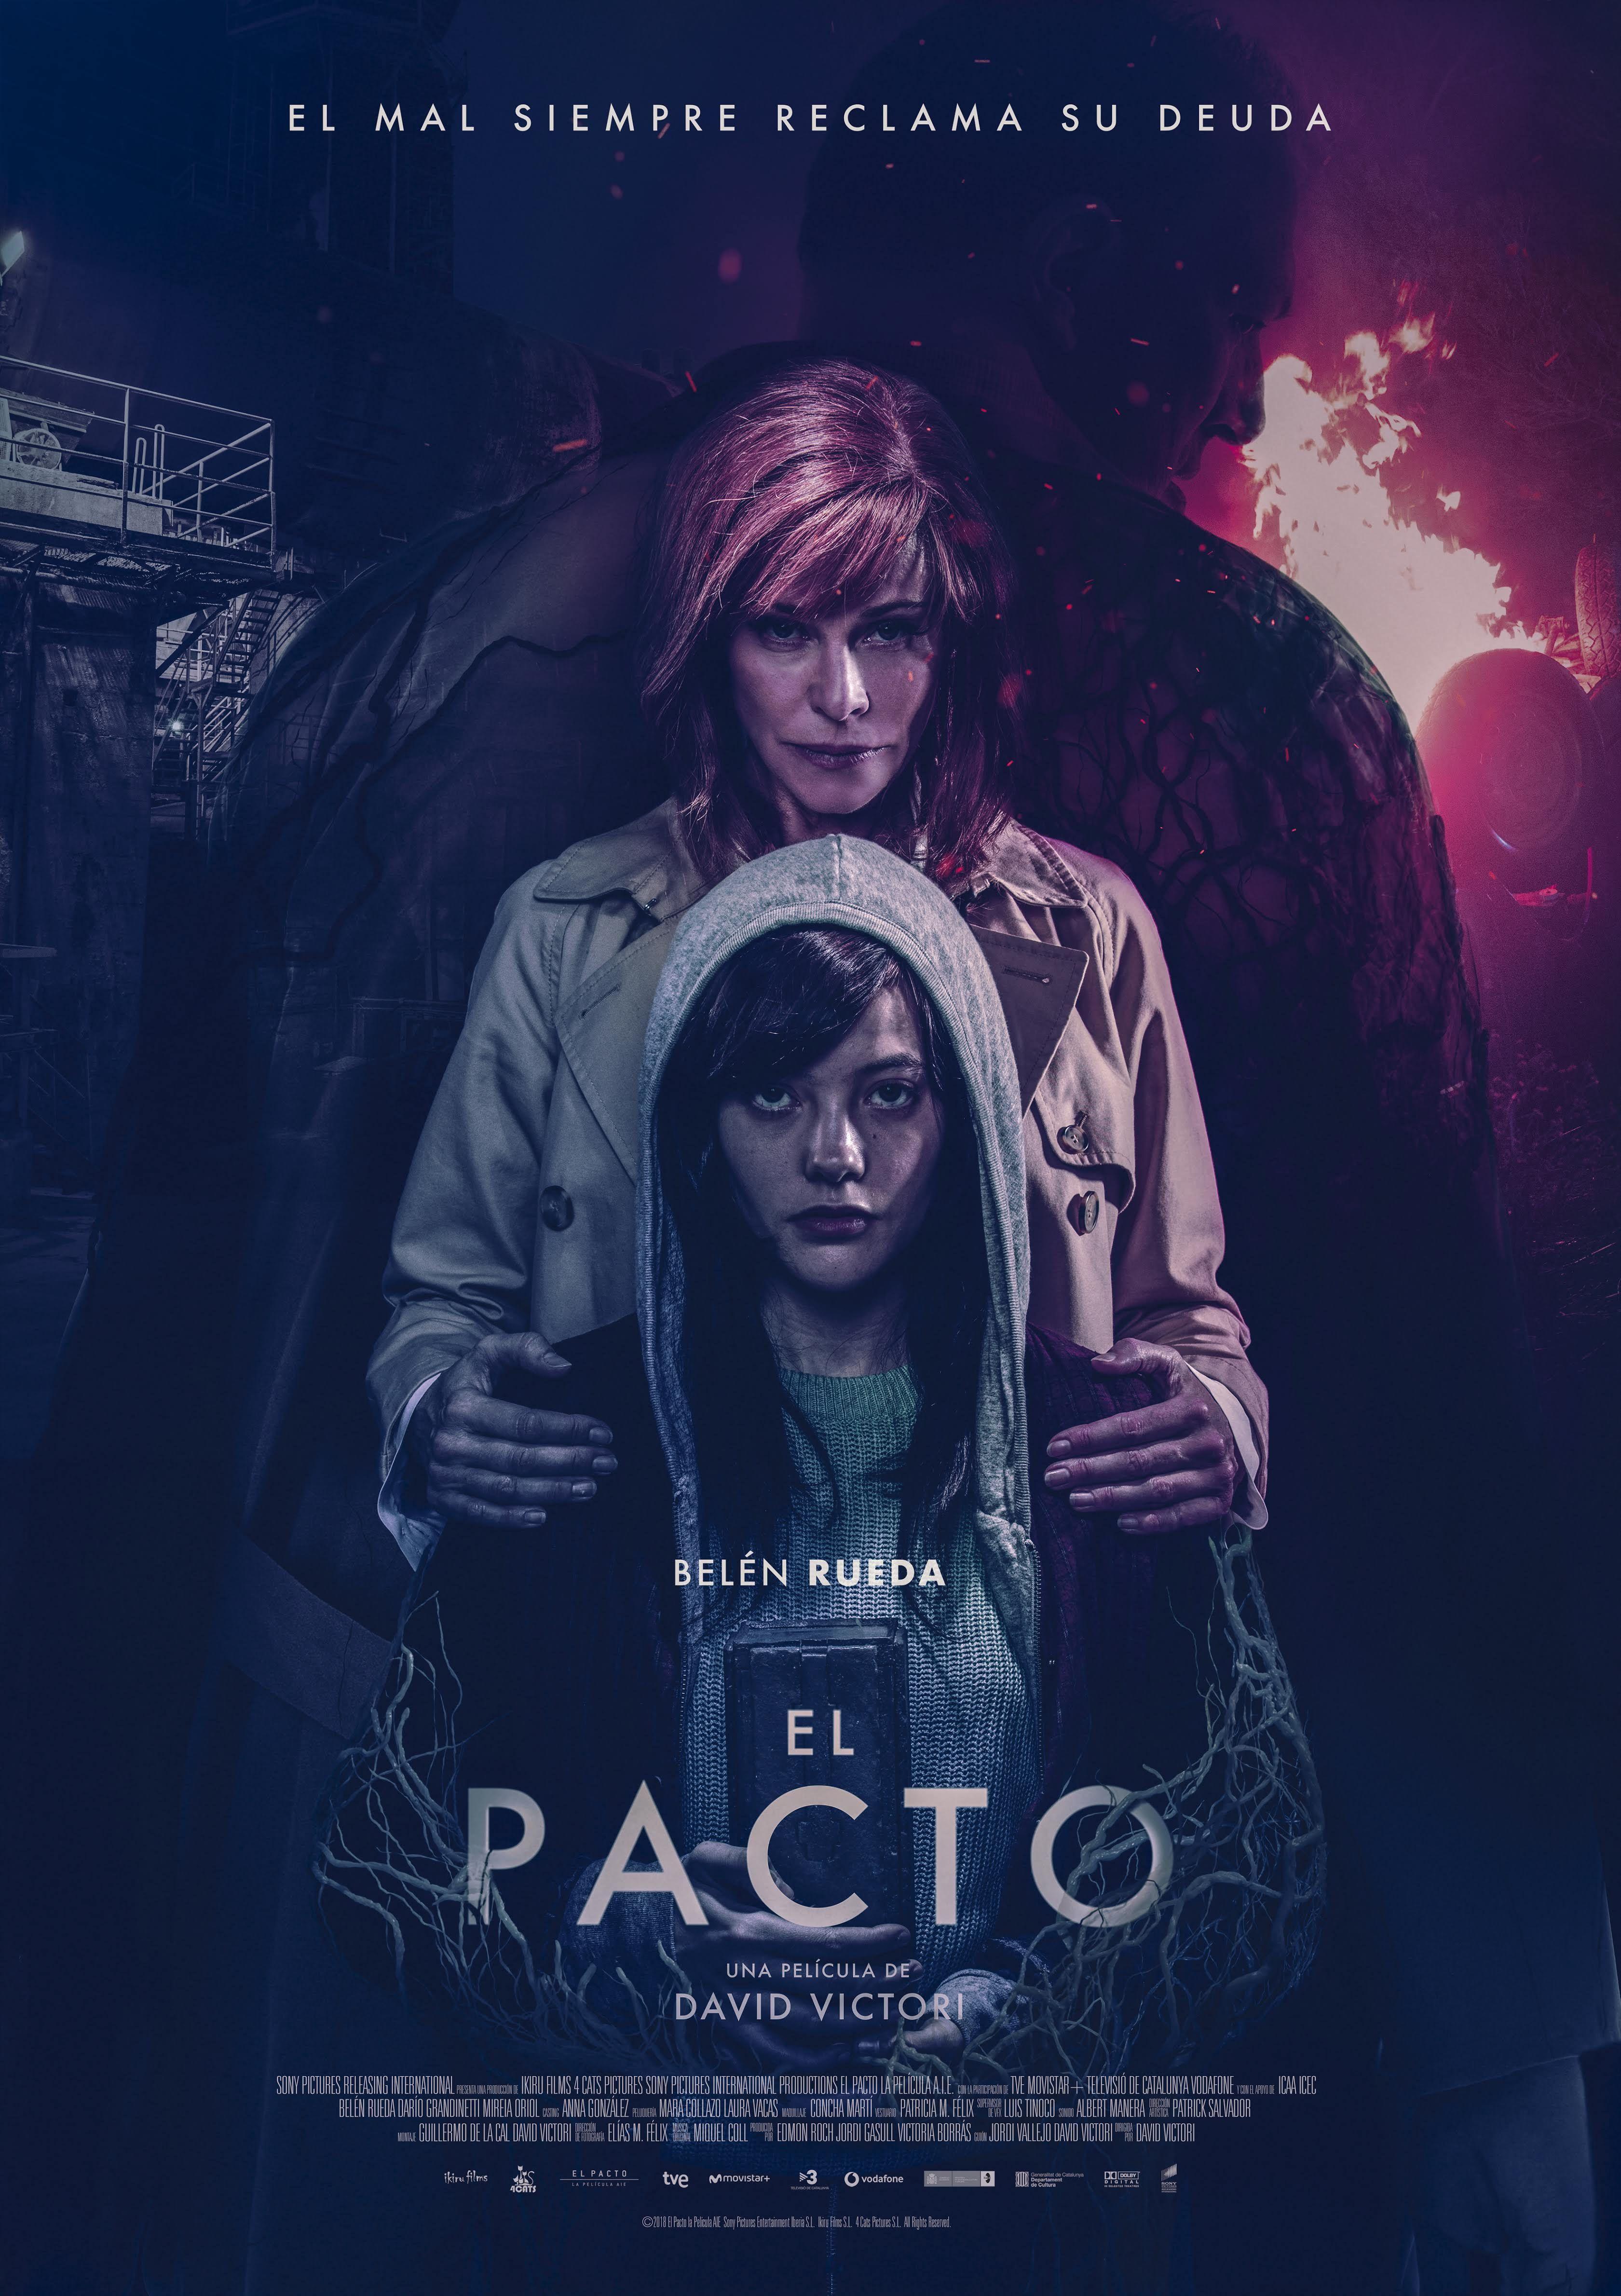 El Pacto El Pacto Películas En Línea Gratis Ver Peliculas Completas